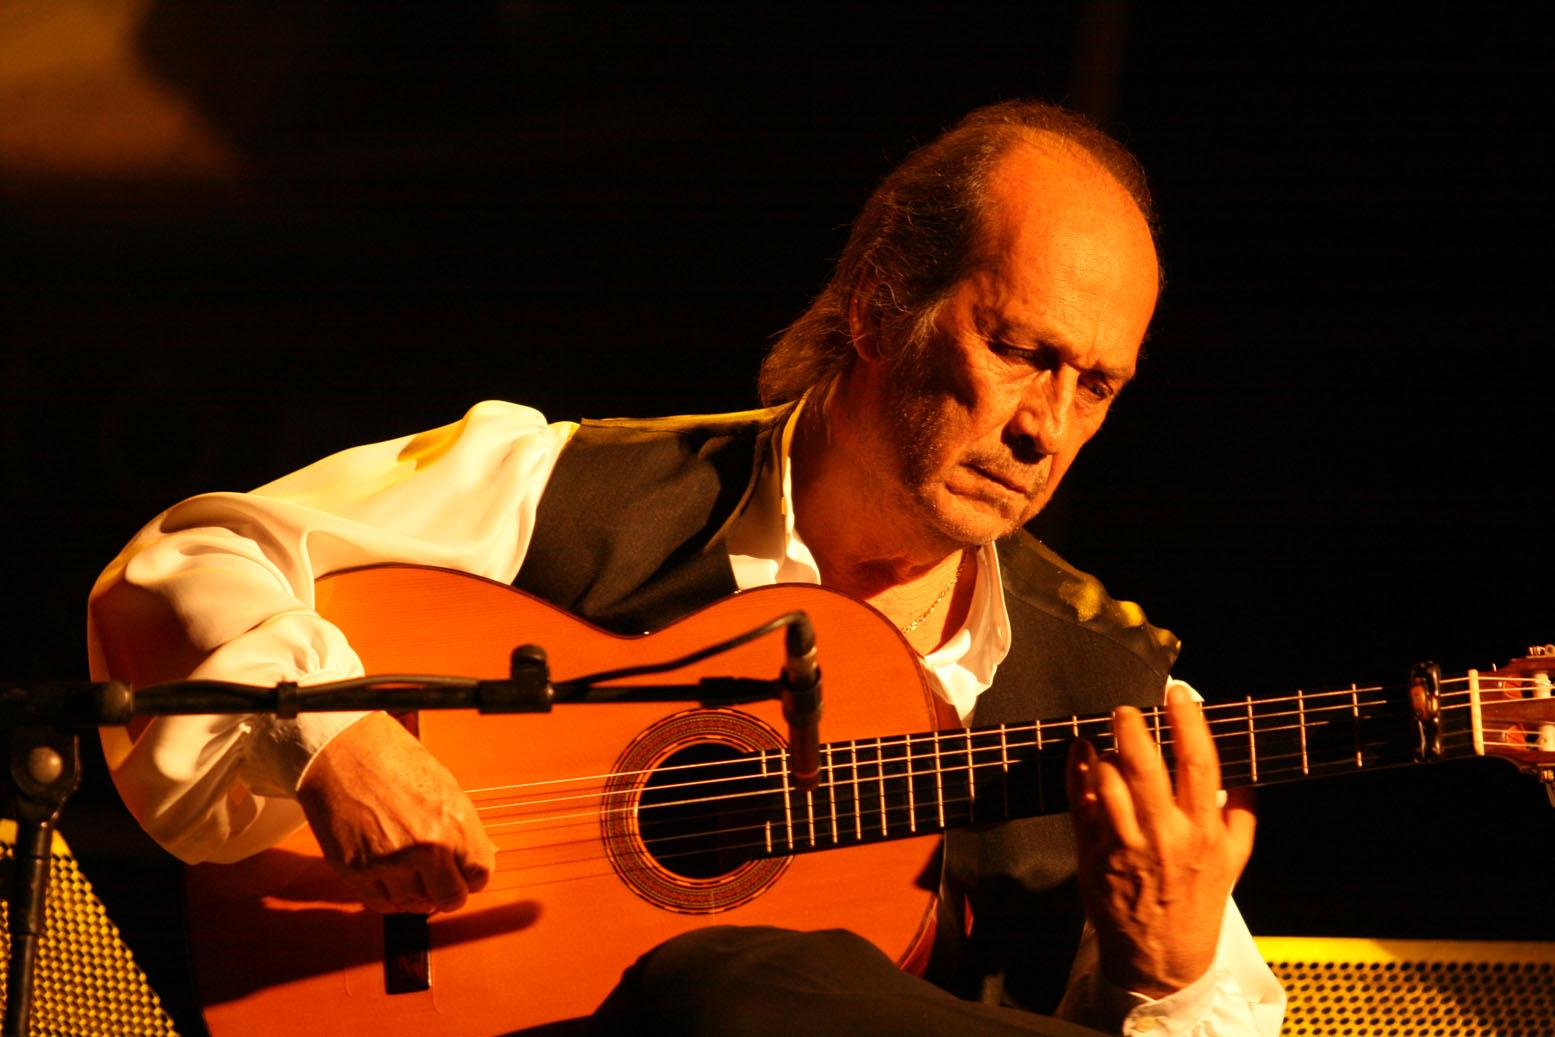 世界吉他手 世界吉他手 【弗拉门戈吉他之王 Paco de Lucia - Adagio】Paco de Lucia 是世界上最优秀的Flamenco吉他演奏家之 一,他代表着弗拉门戈音乐的最高水平。7岁就能弹弗拉门戈吉他,是极具天赋的吉他大师。